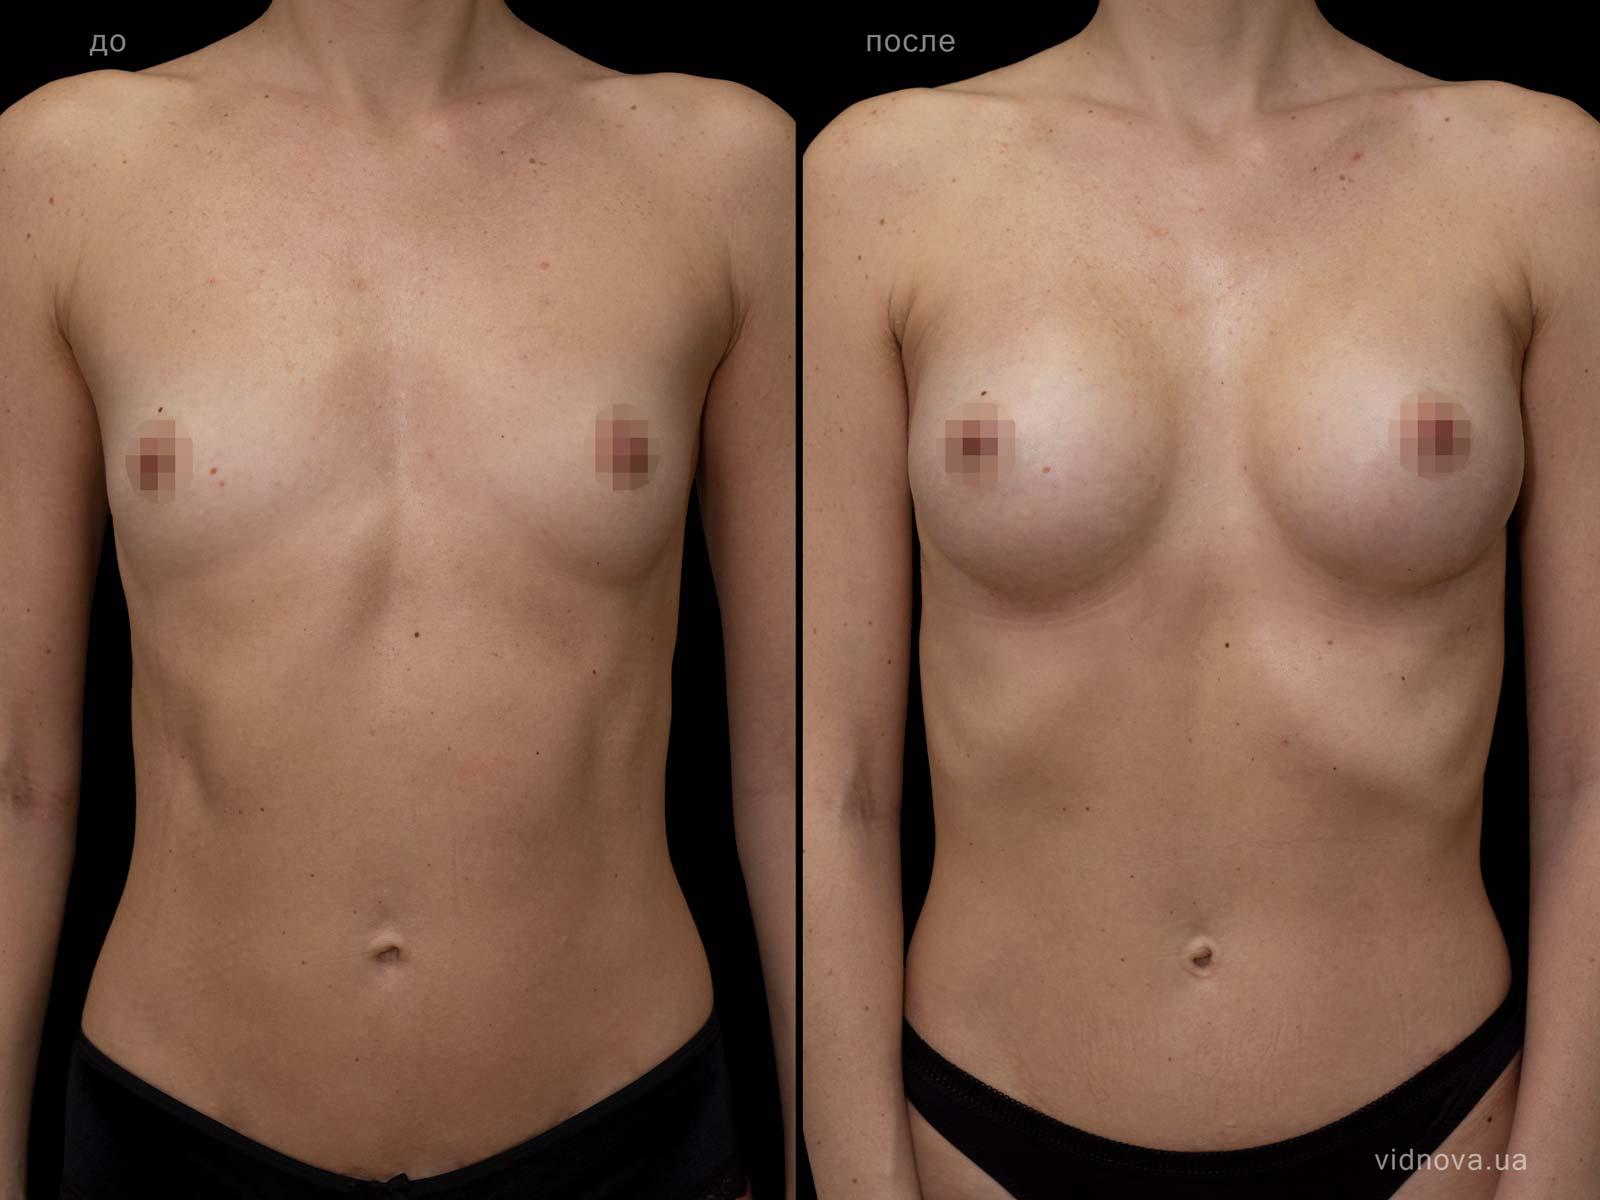 Пластика груди: результаты до и после - Пример №79-0 - Светлана Работенко